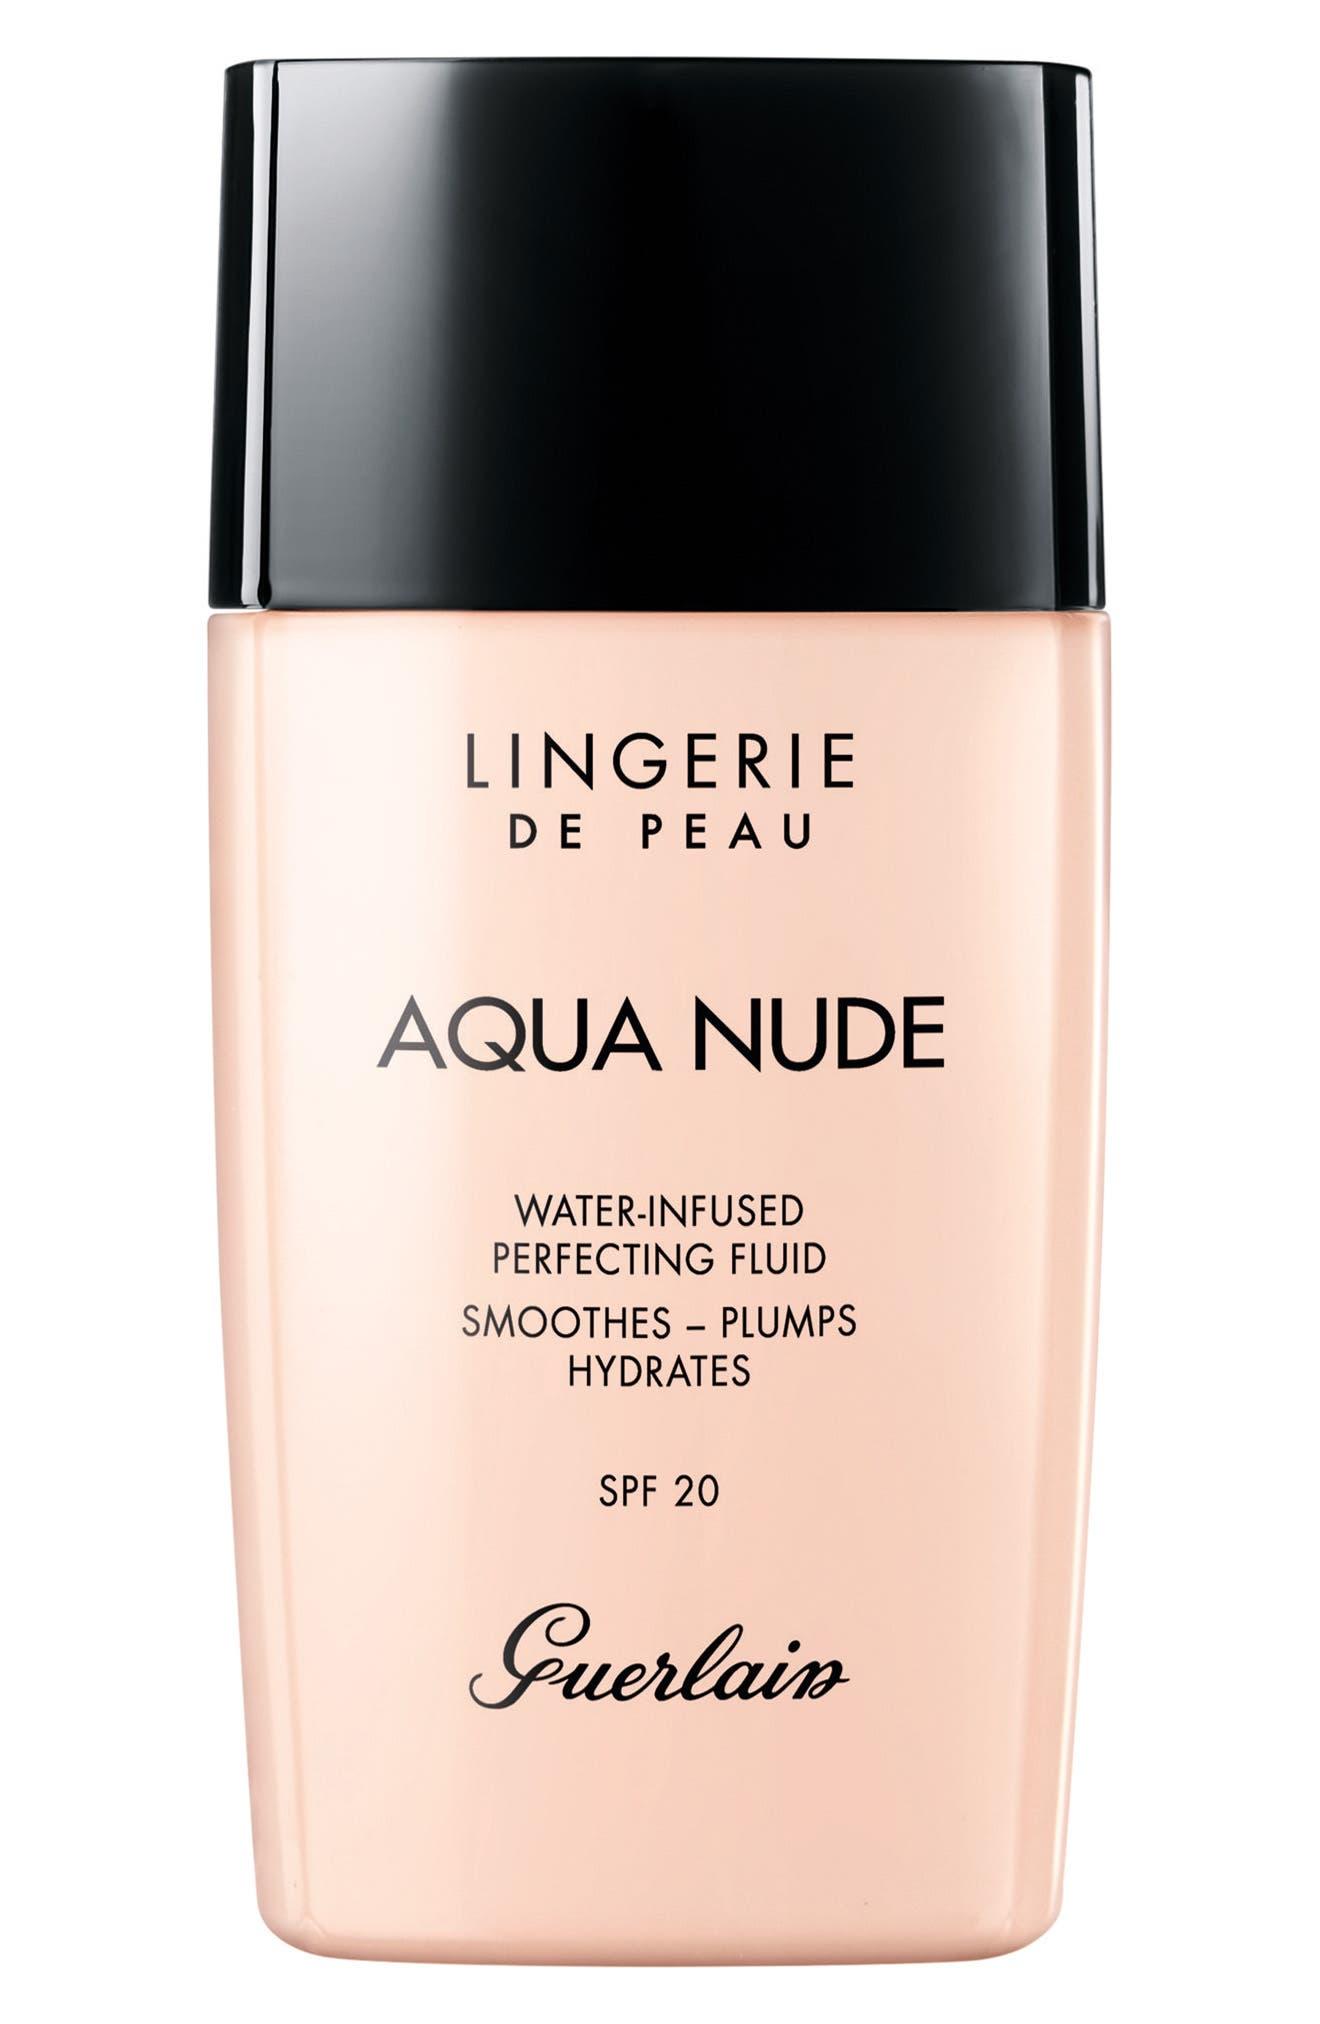 Alternate Image 1 Selected - Guerlain Lingerie de Peau Aqua Nude Foundation